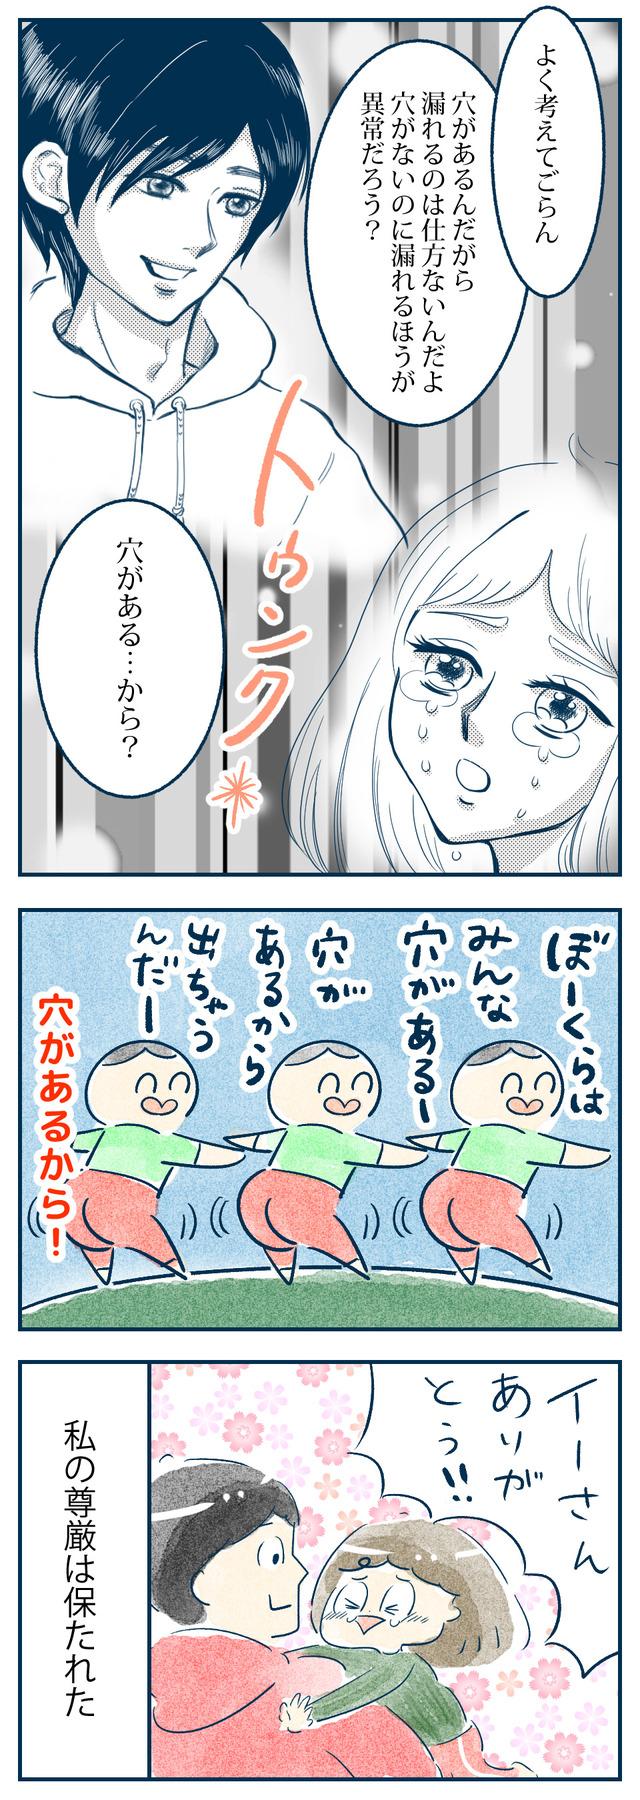 unkomorashita02_2